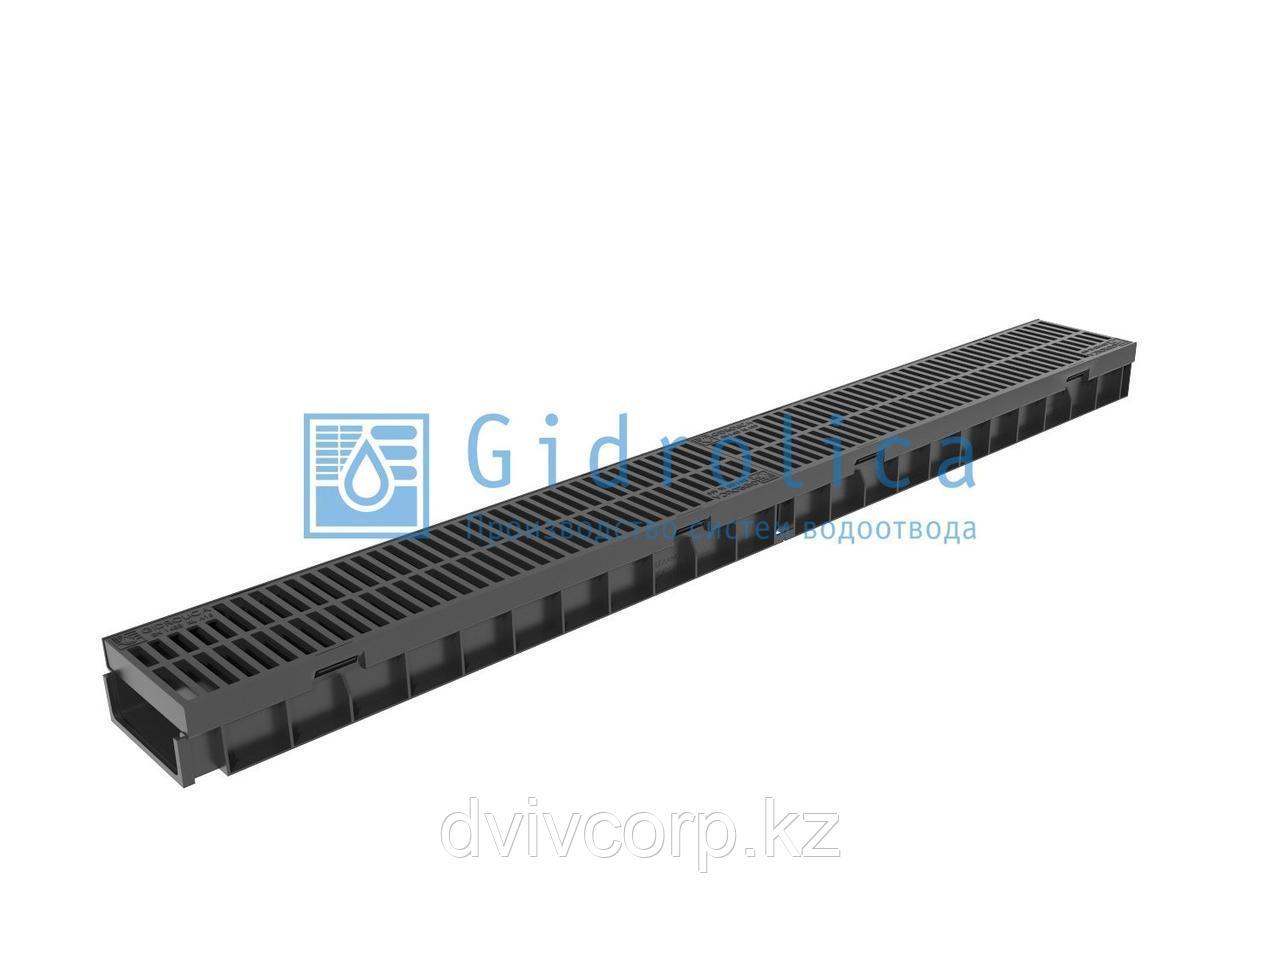 Арт. 08097 Комплект Gidrolica Light: лоток водоотводный ЛВ -10.11,5.5,5 - пластиковый с пластик.реш., кл. A15